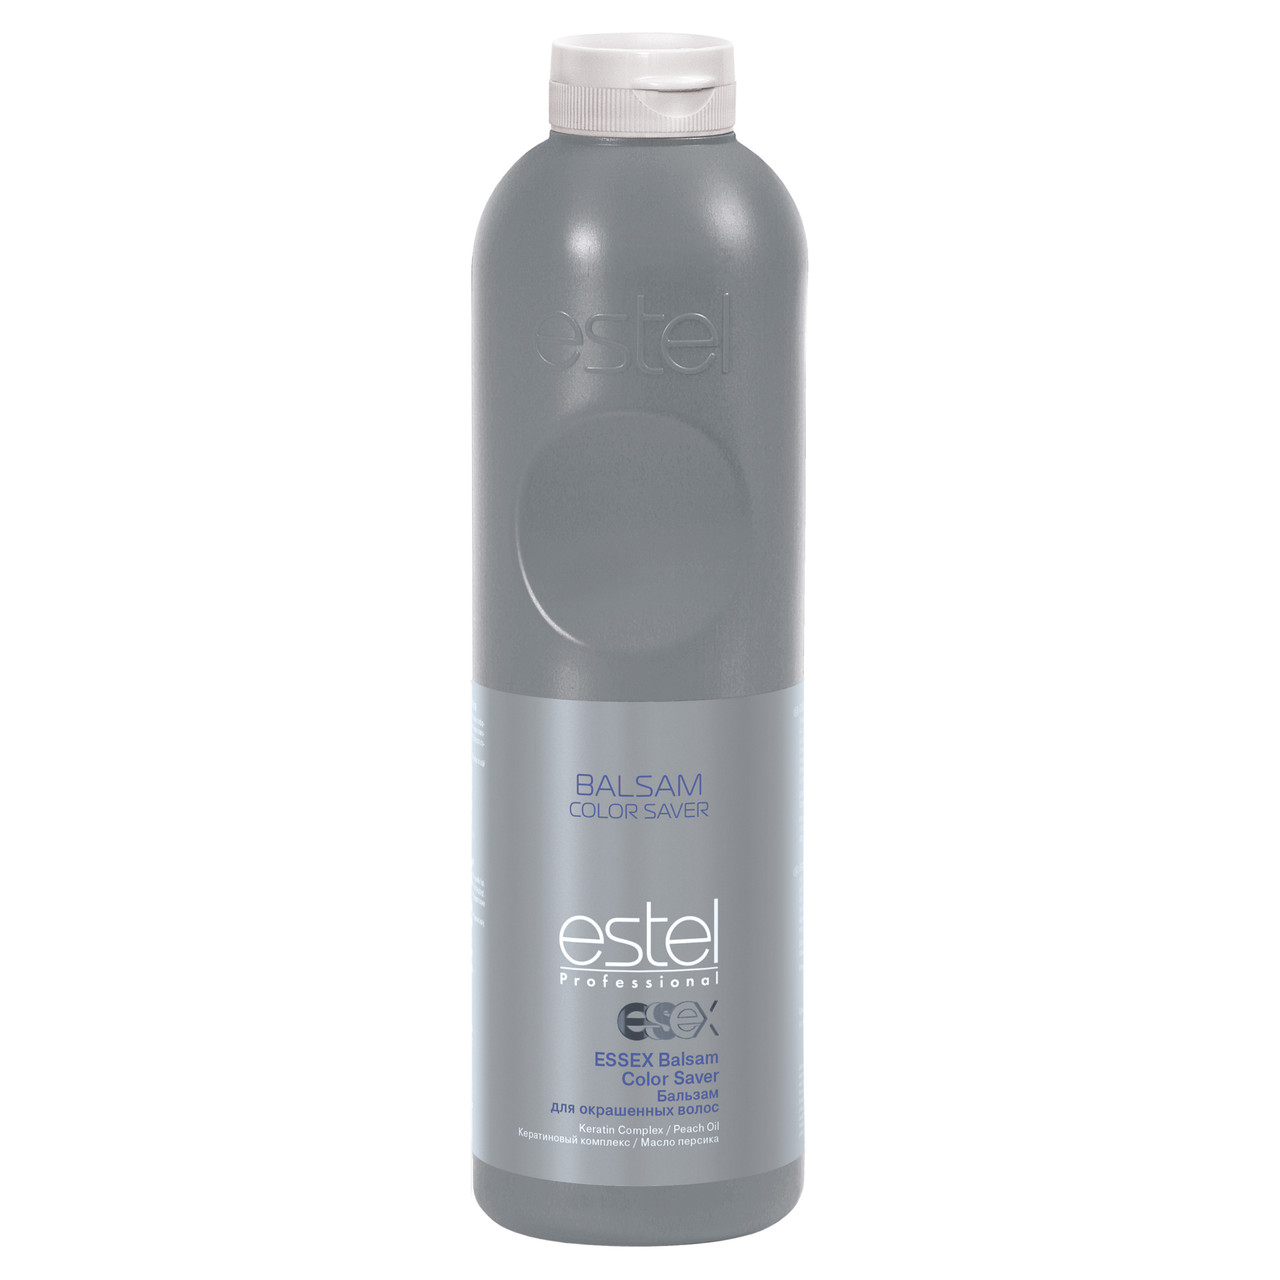 ESTEL ESSEX Бальзам для фарбованого волосся 1000 мл.